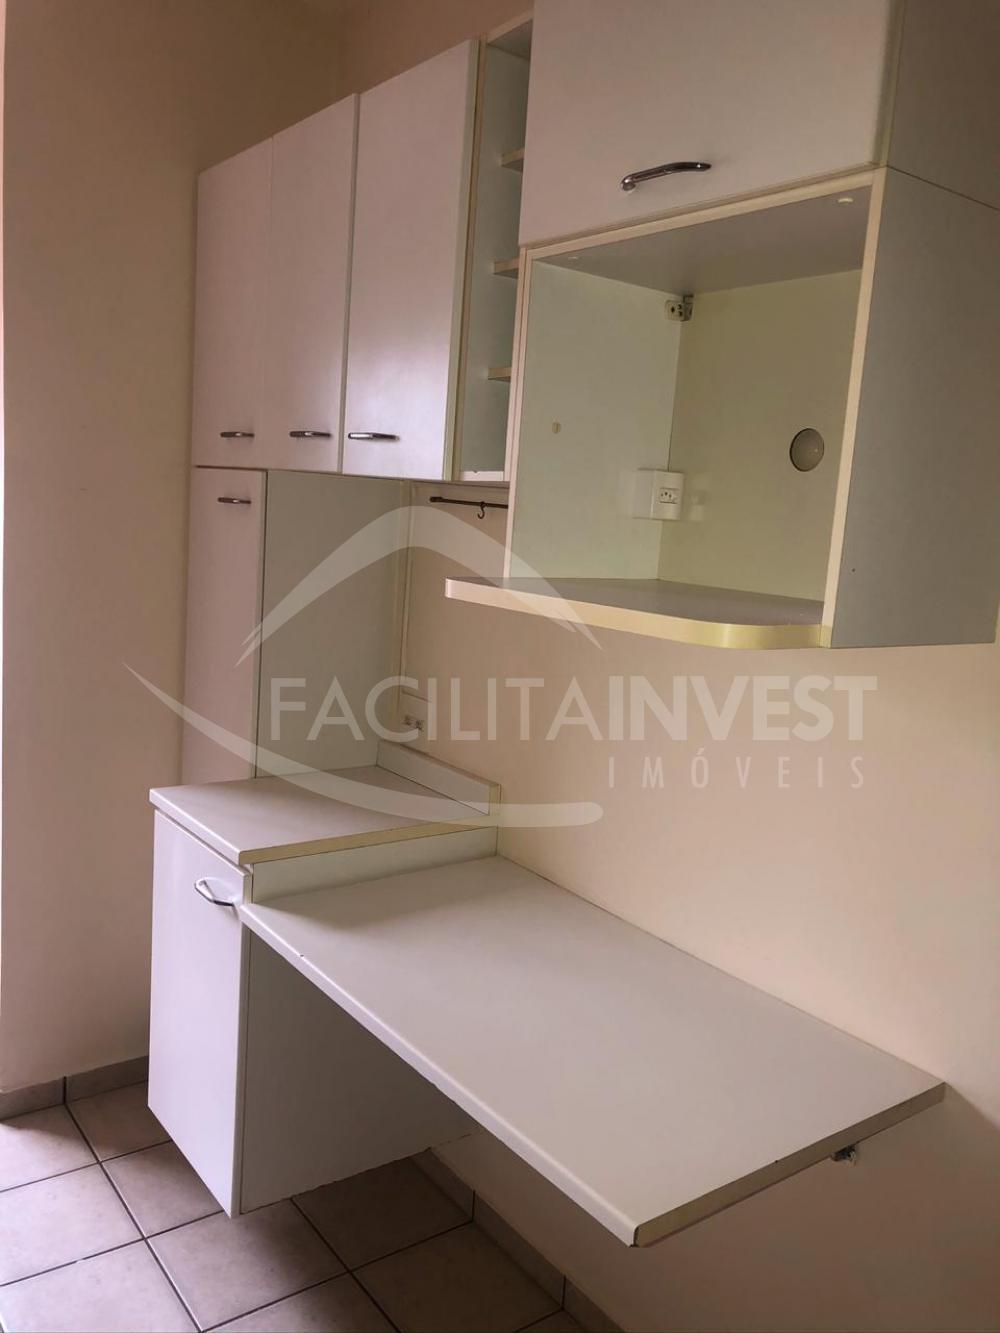 Alugar Apartamentos / Apart. Padrão em Ribeirão Preto apenas R$ 1.300,00 - Foto 4